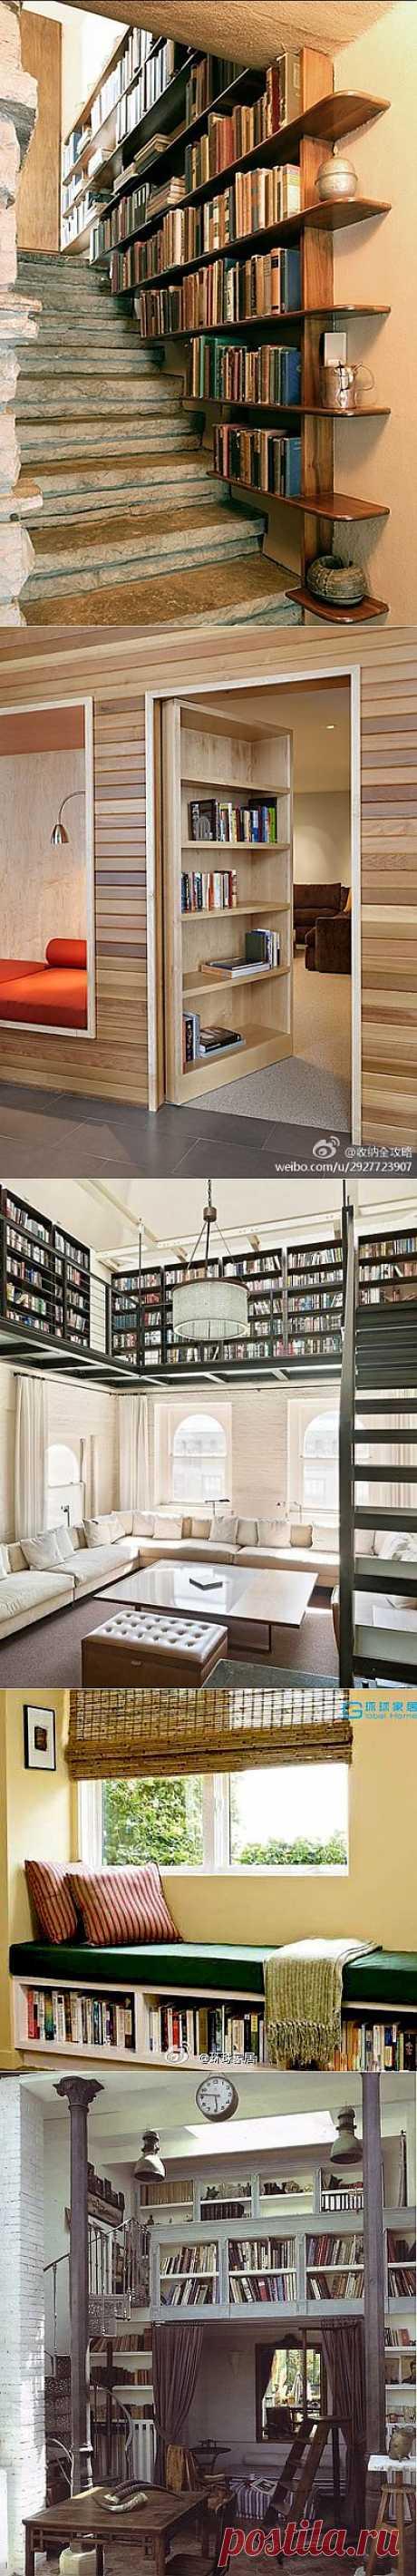 Где в доме найти место для книг?